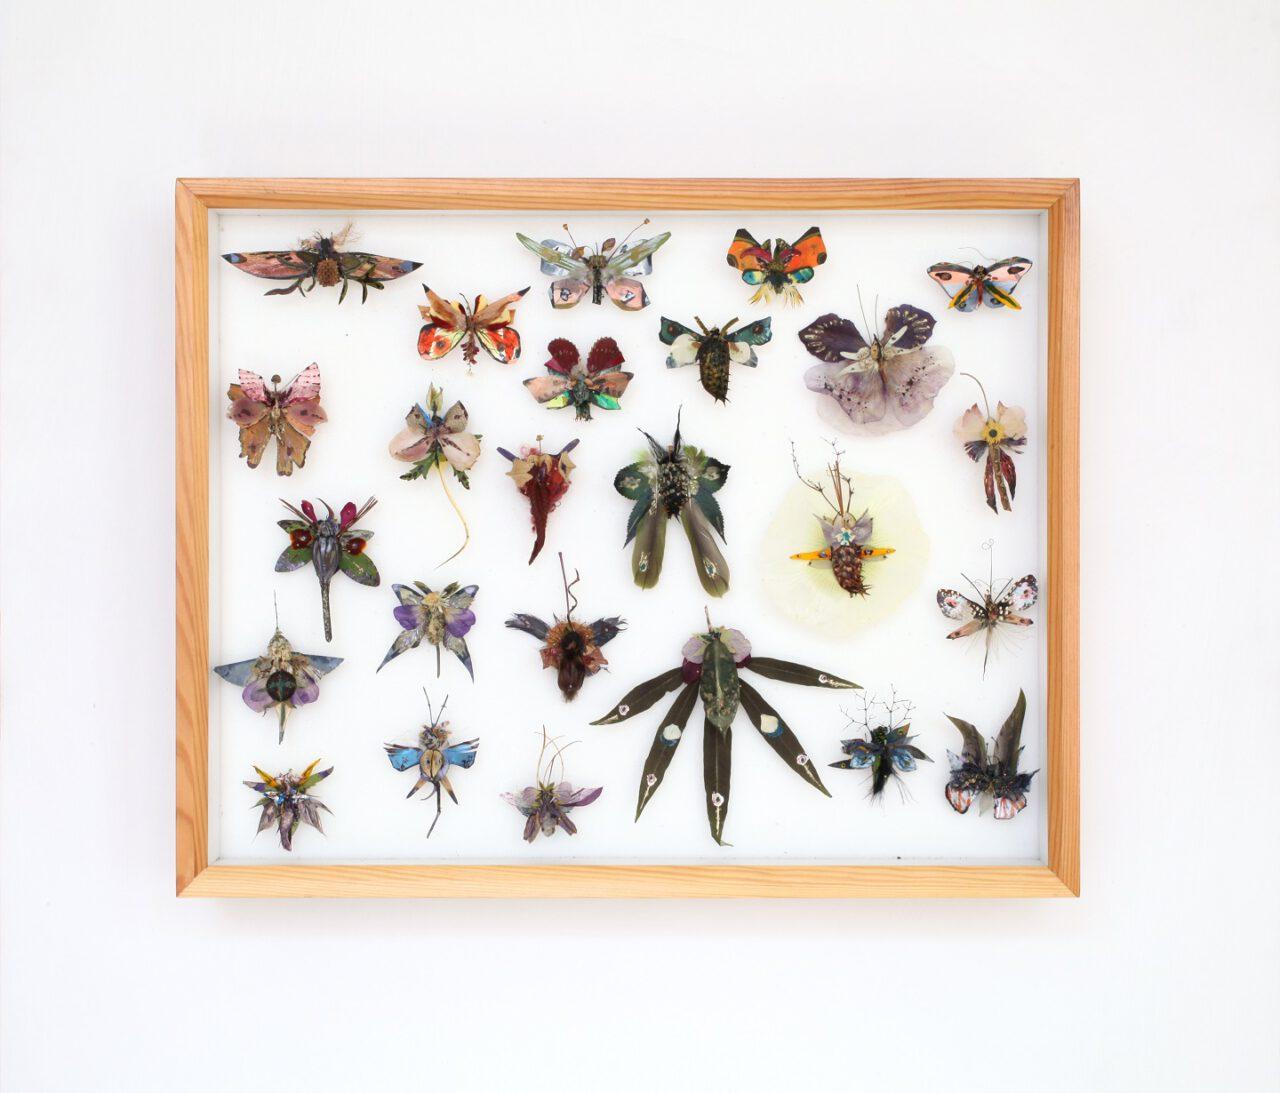 Ann-Kristin Hamm – Schmetterlingskasten 13